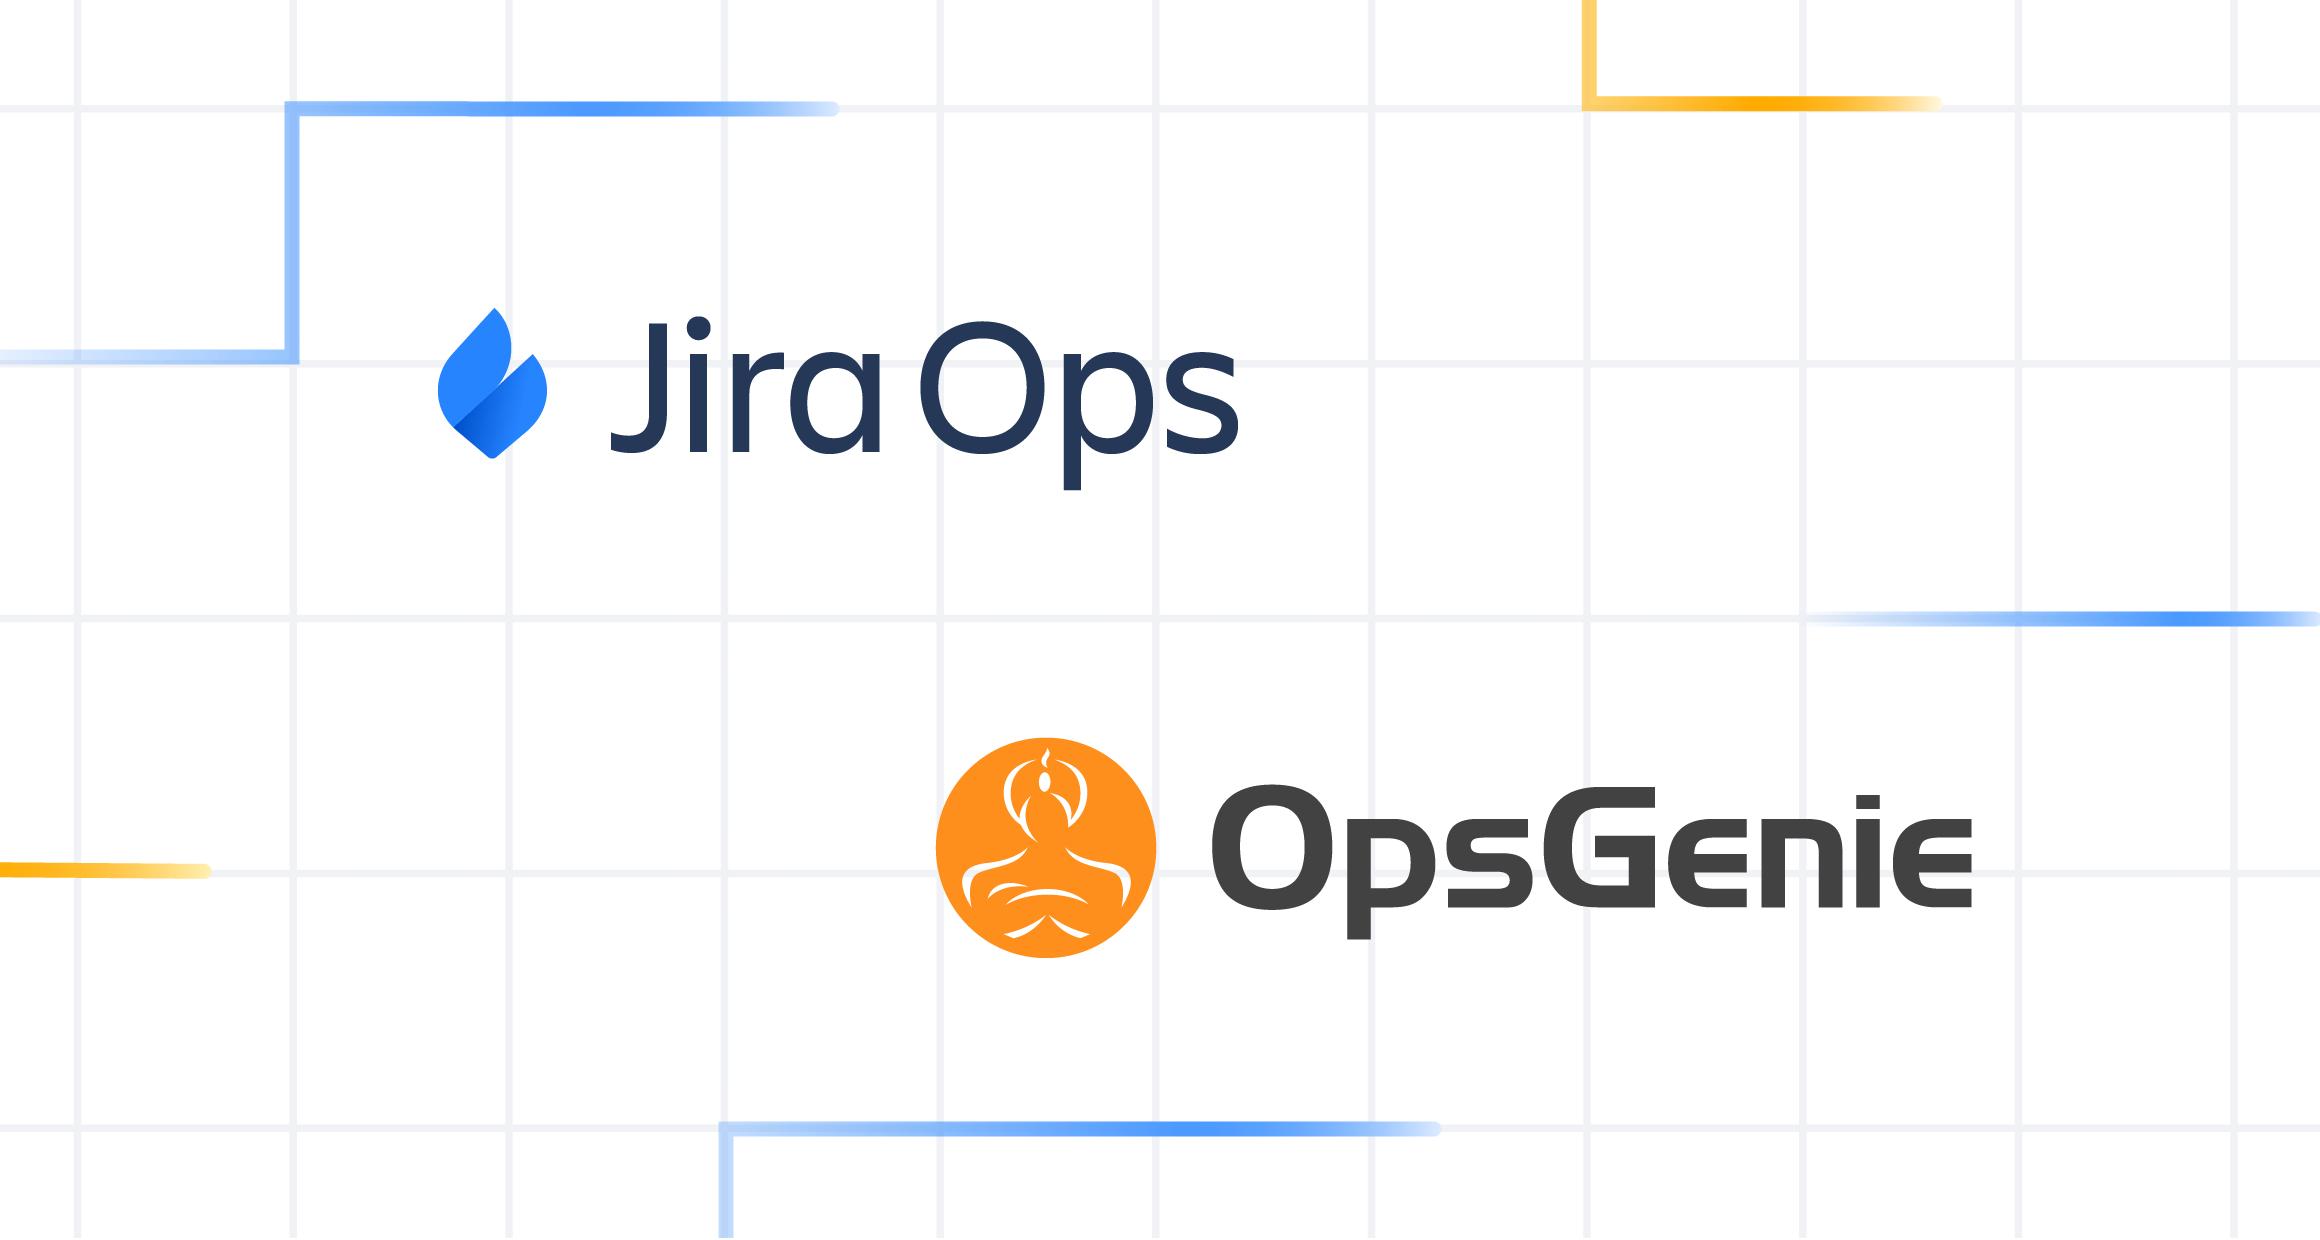 Jira Ops + OpsGenie: Poderoso manejo de incidencias.